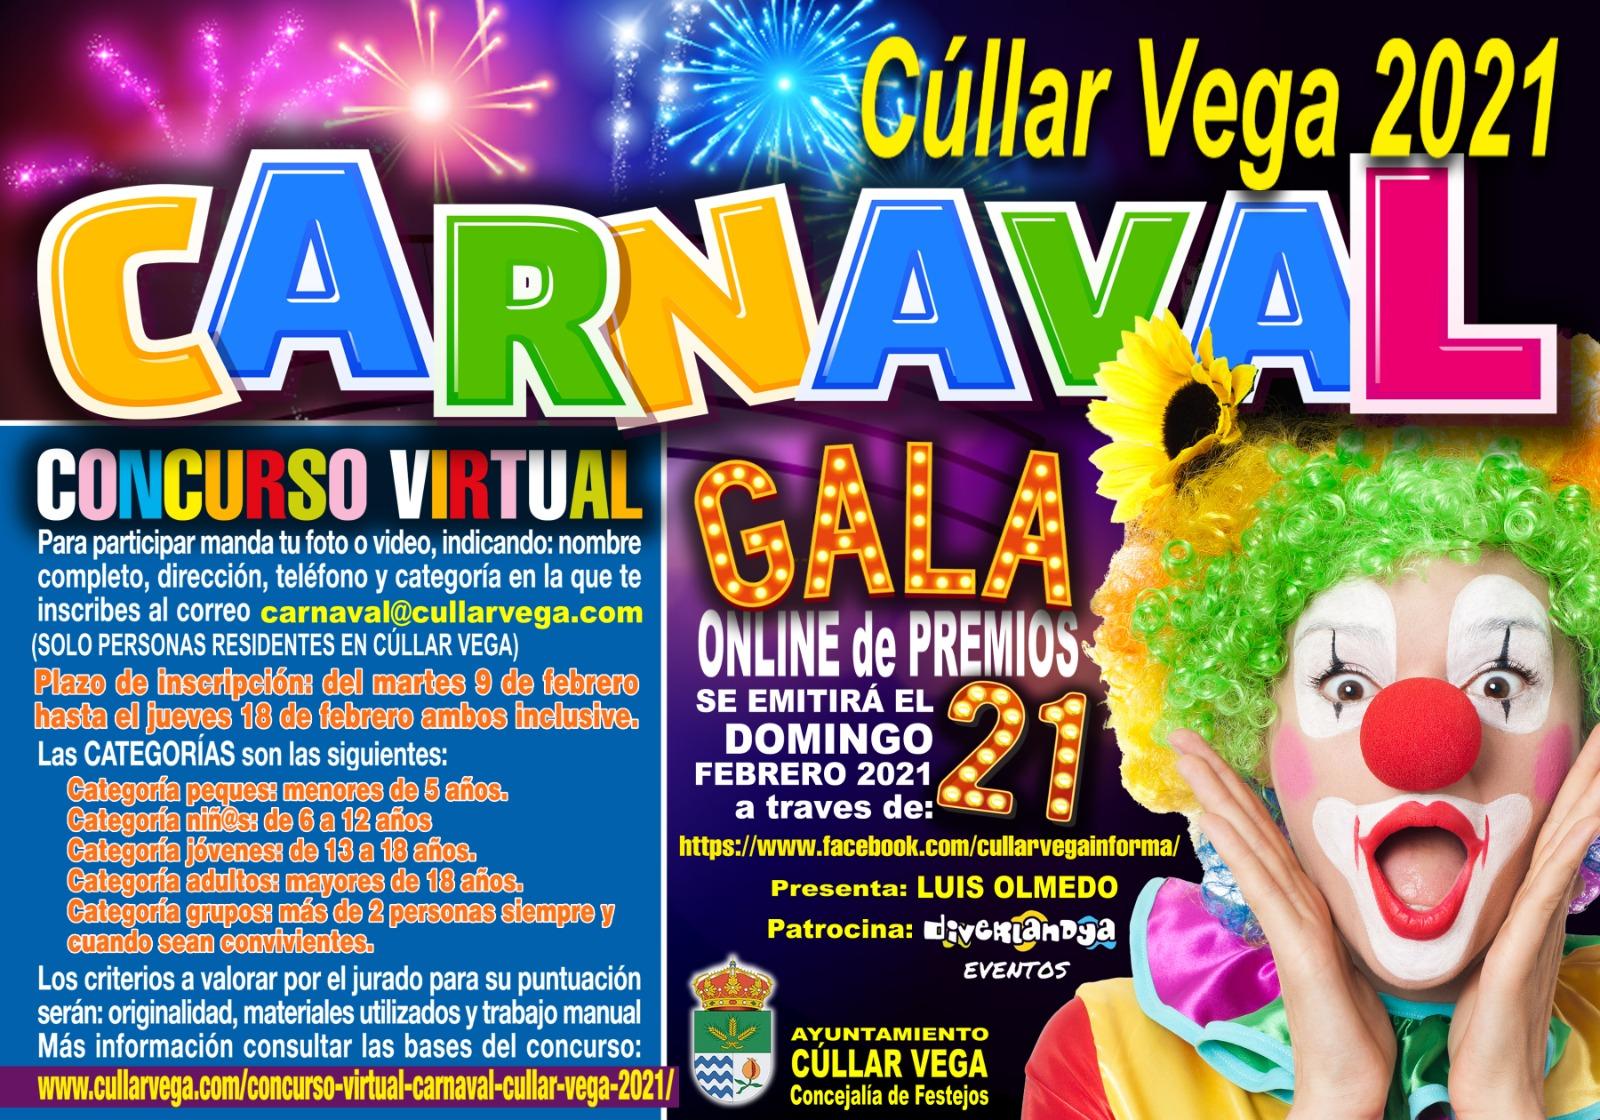 Cúllar Vega celebrará su Carnaval 'on line' con premios para los mejores disfraces